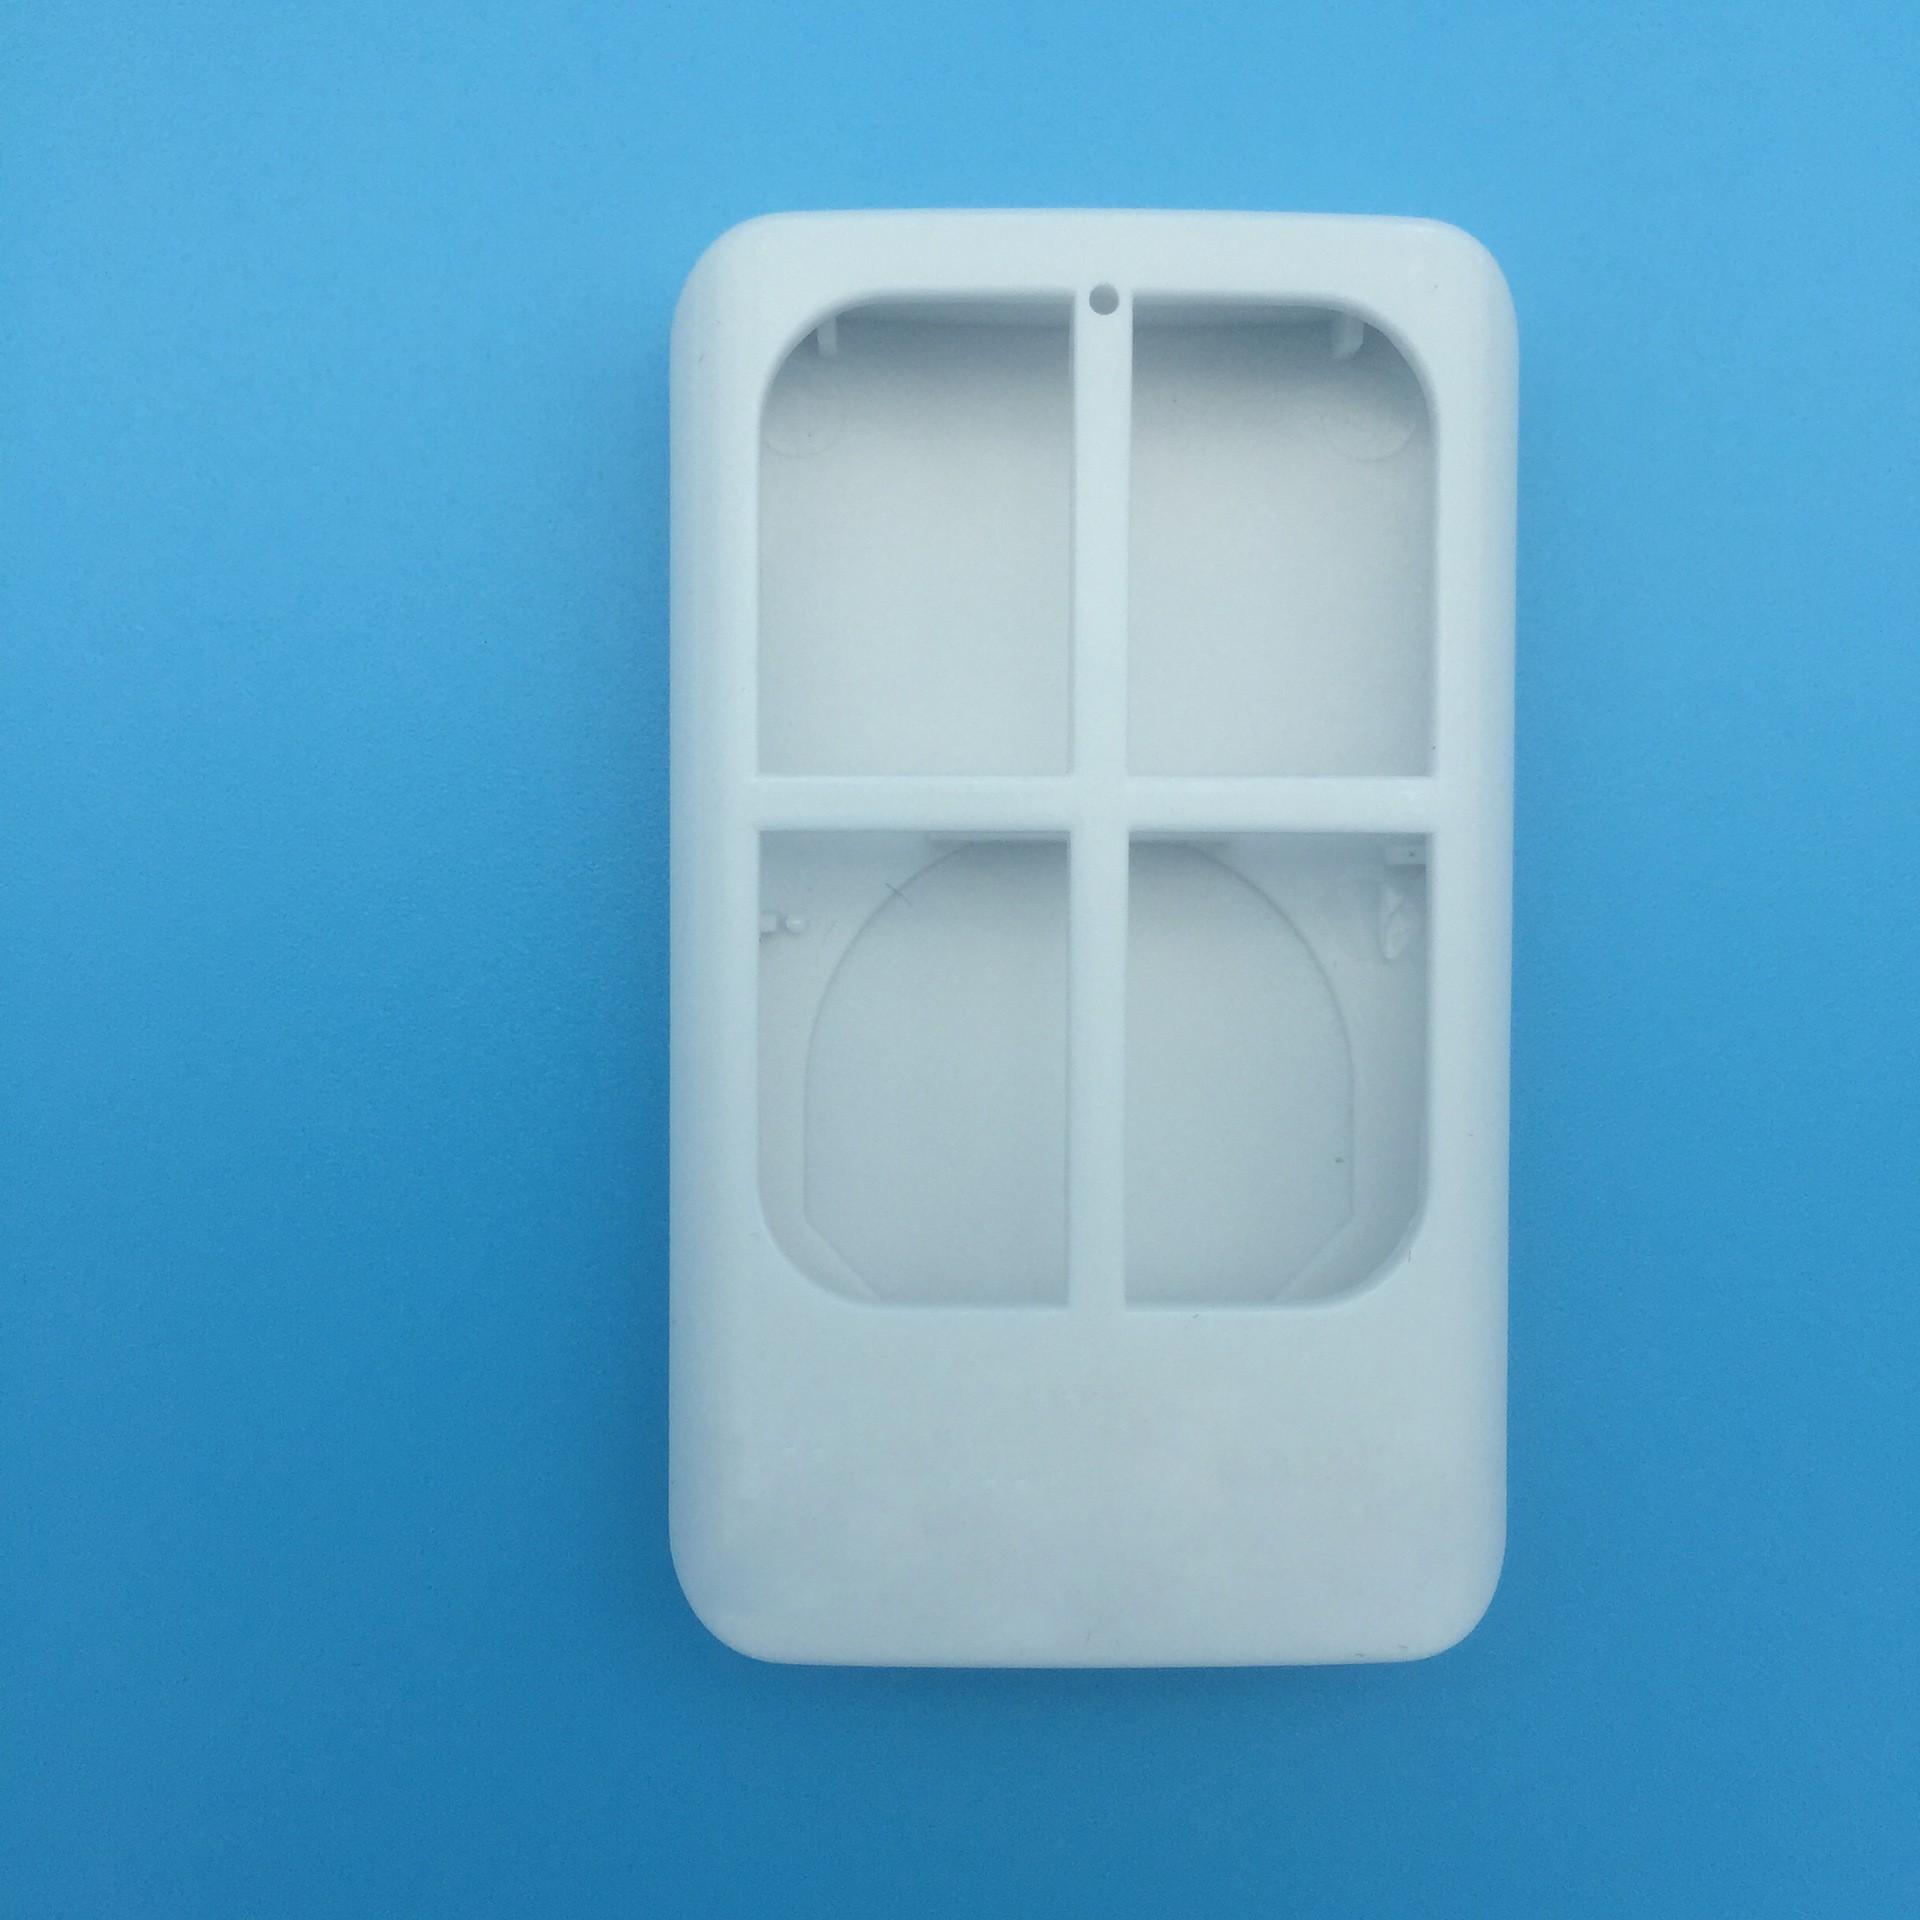 无线遥控器塑胶外壳 注塑加工 可开模定制 注塑机台 ABS塑料